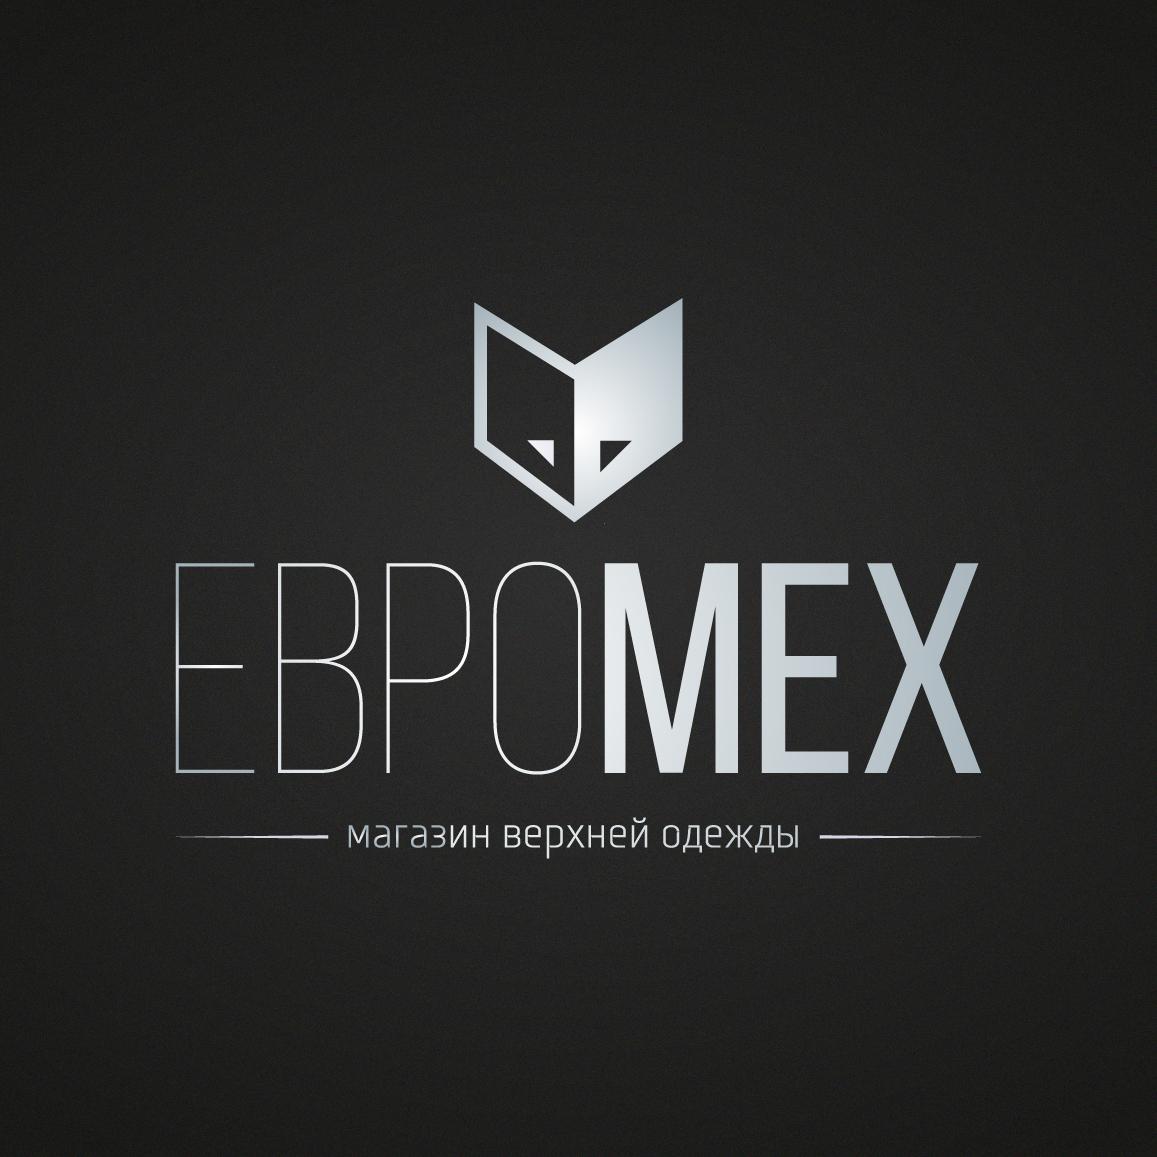 Фото Дизайн логотипа 3